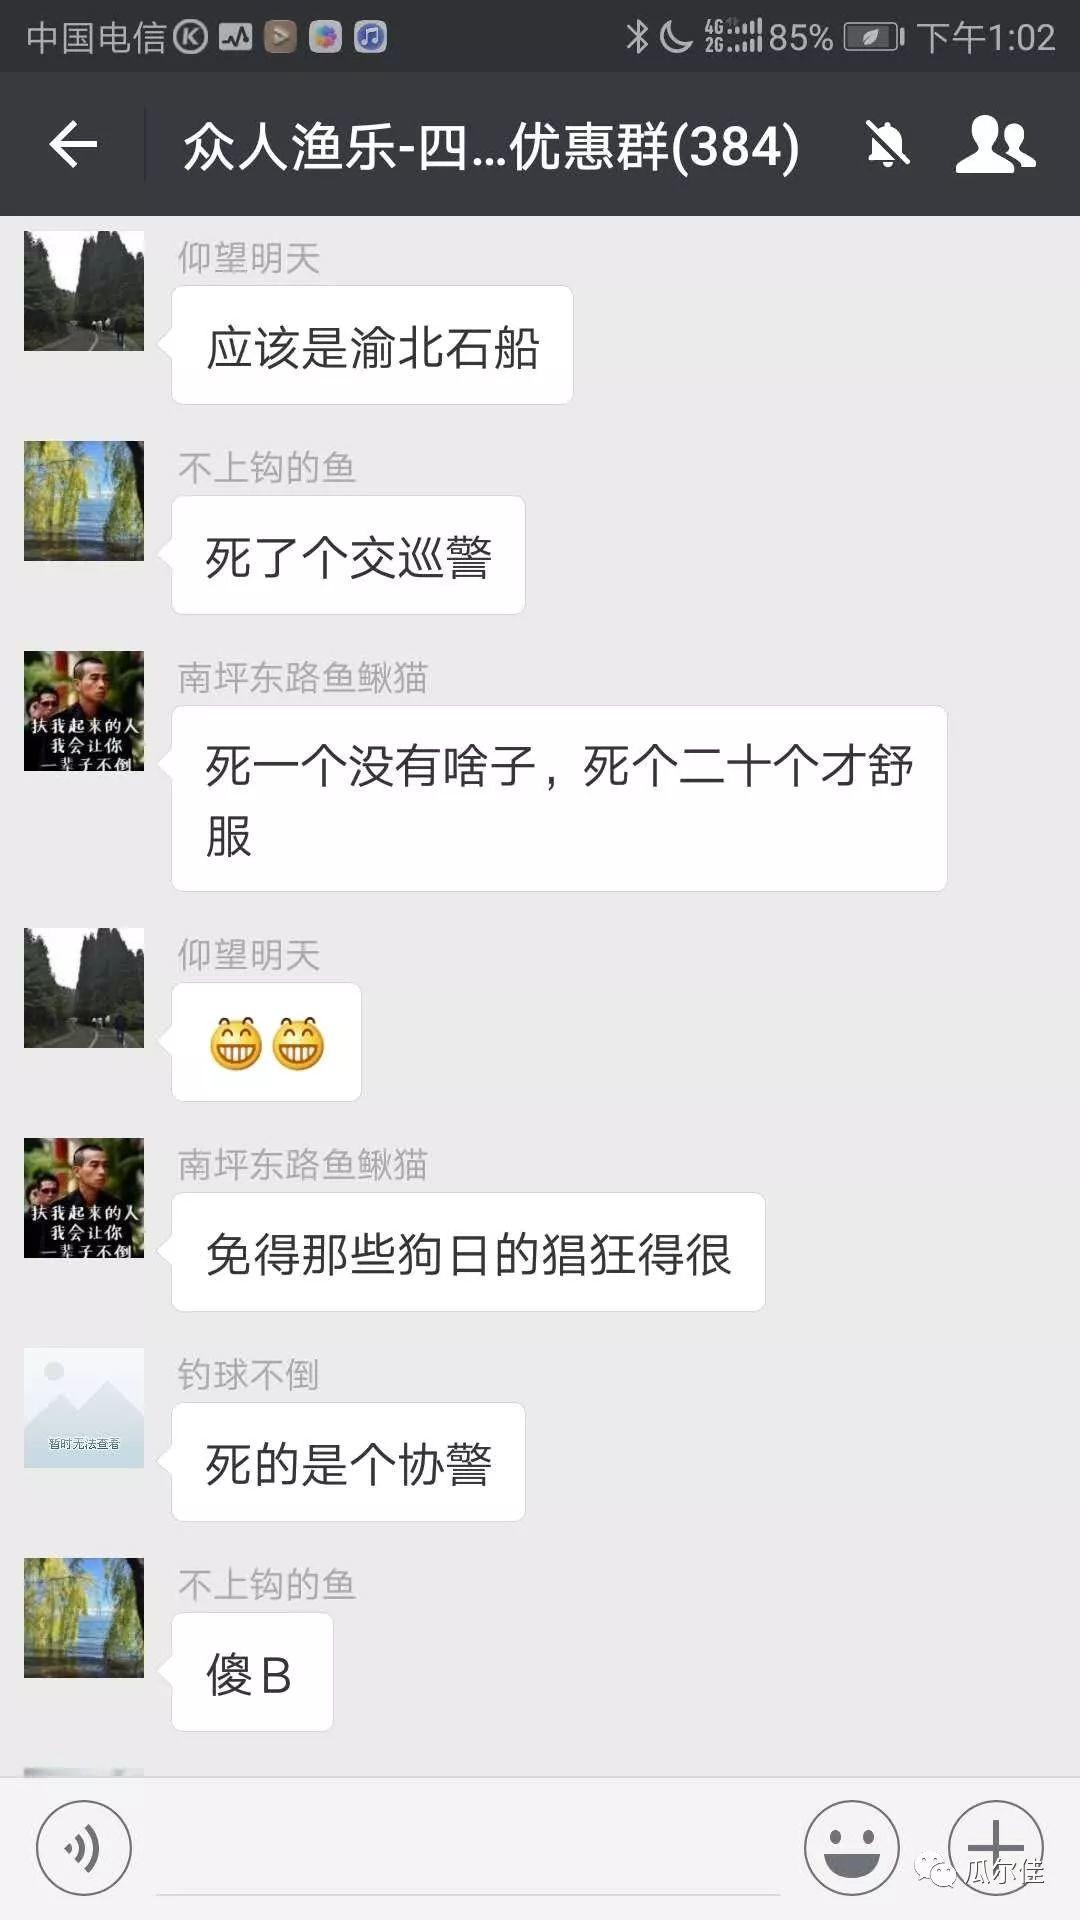 《重庆杀警案:街头血案的起因和处警民警、吸烟看客以及南坪东路鱼鳅猫》